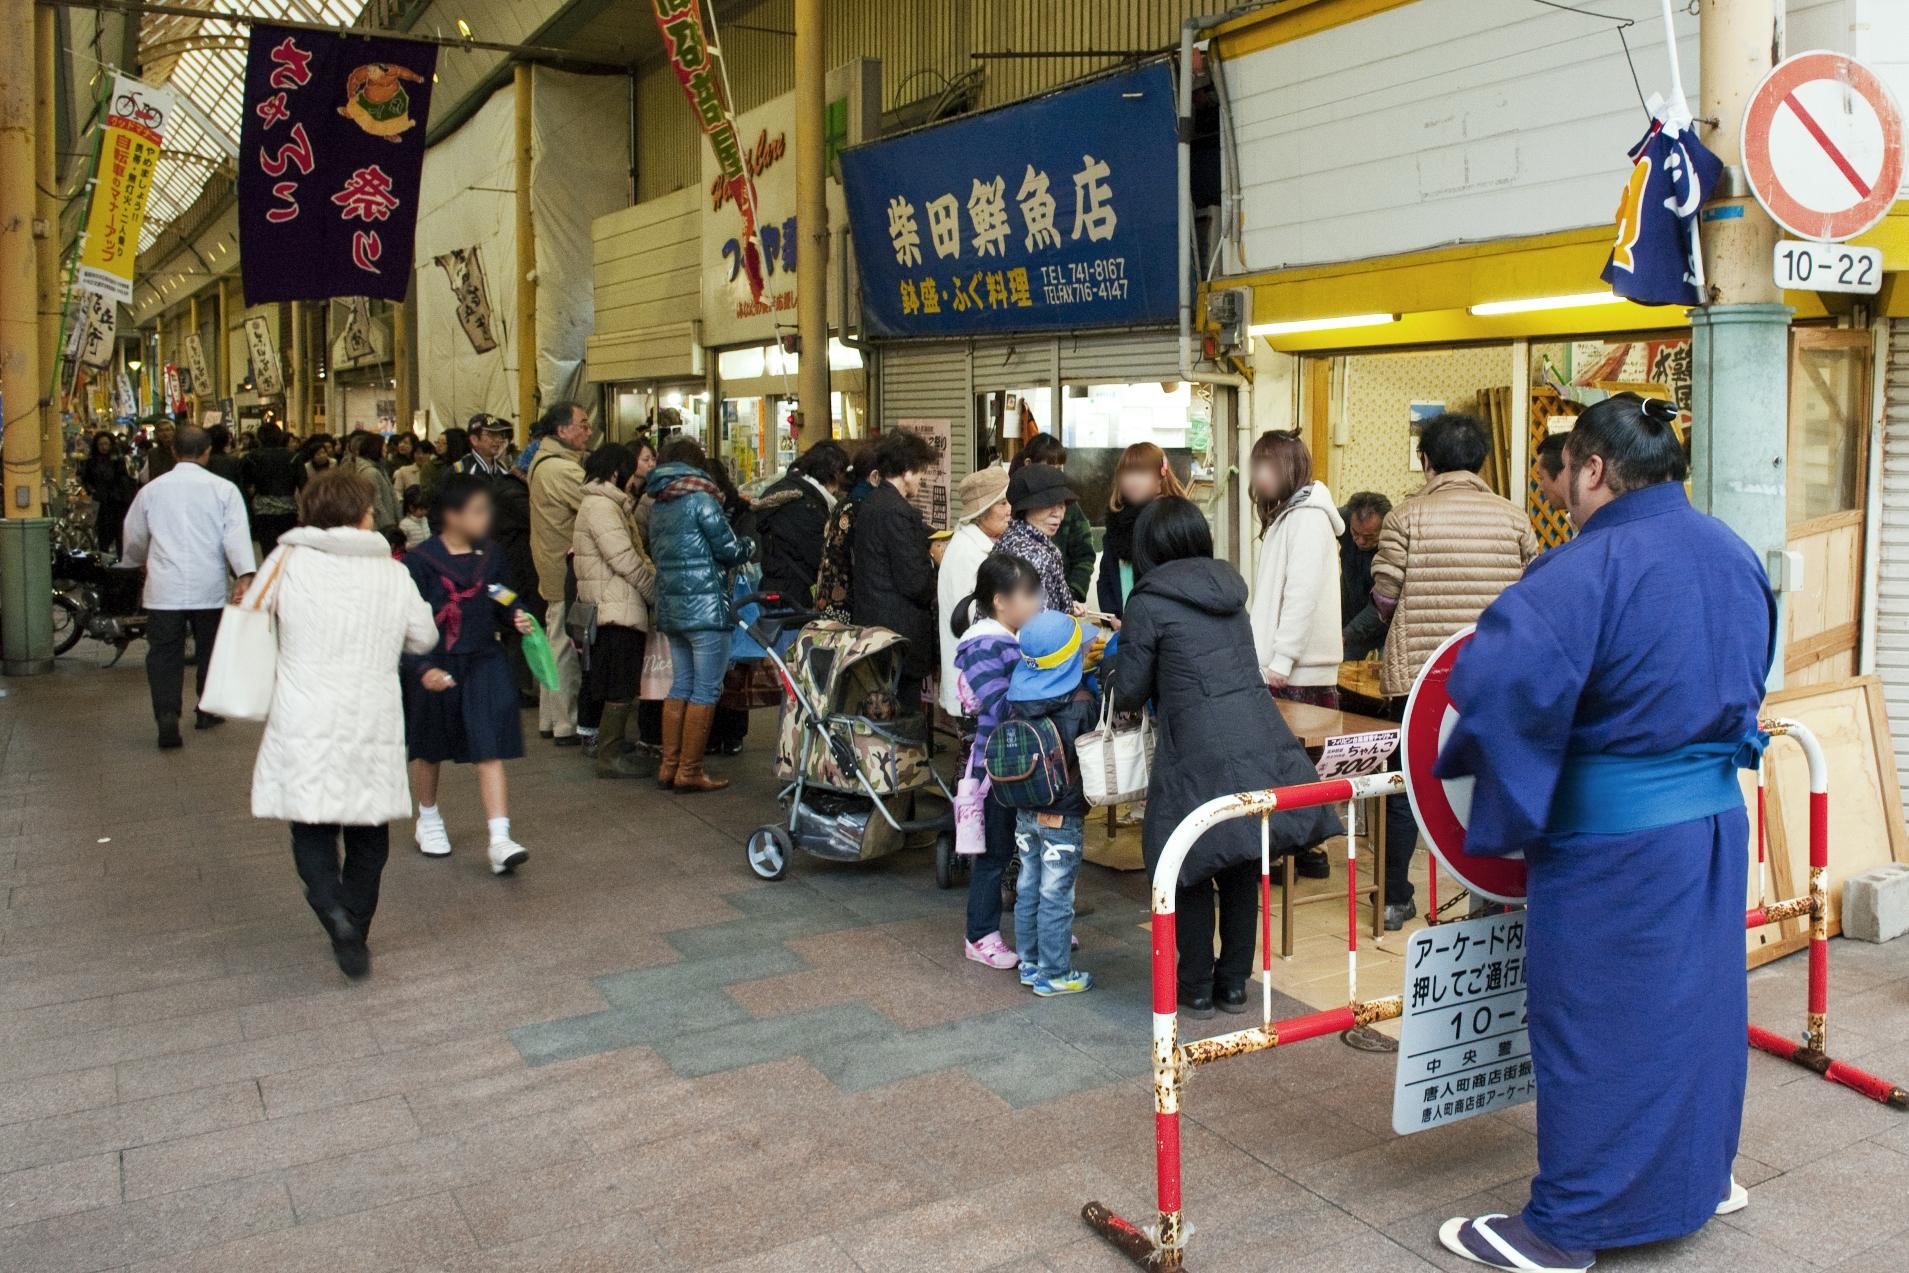 唐人町商店街(2013)の画像